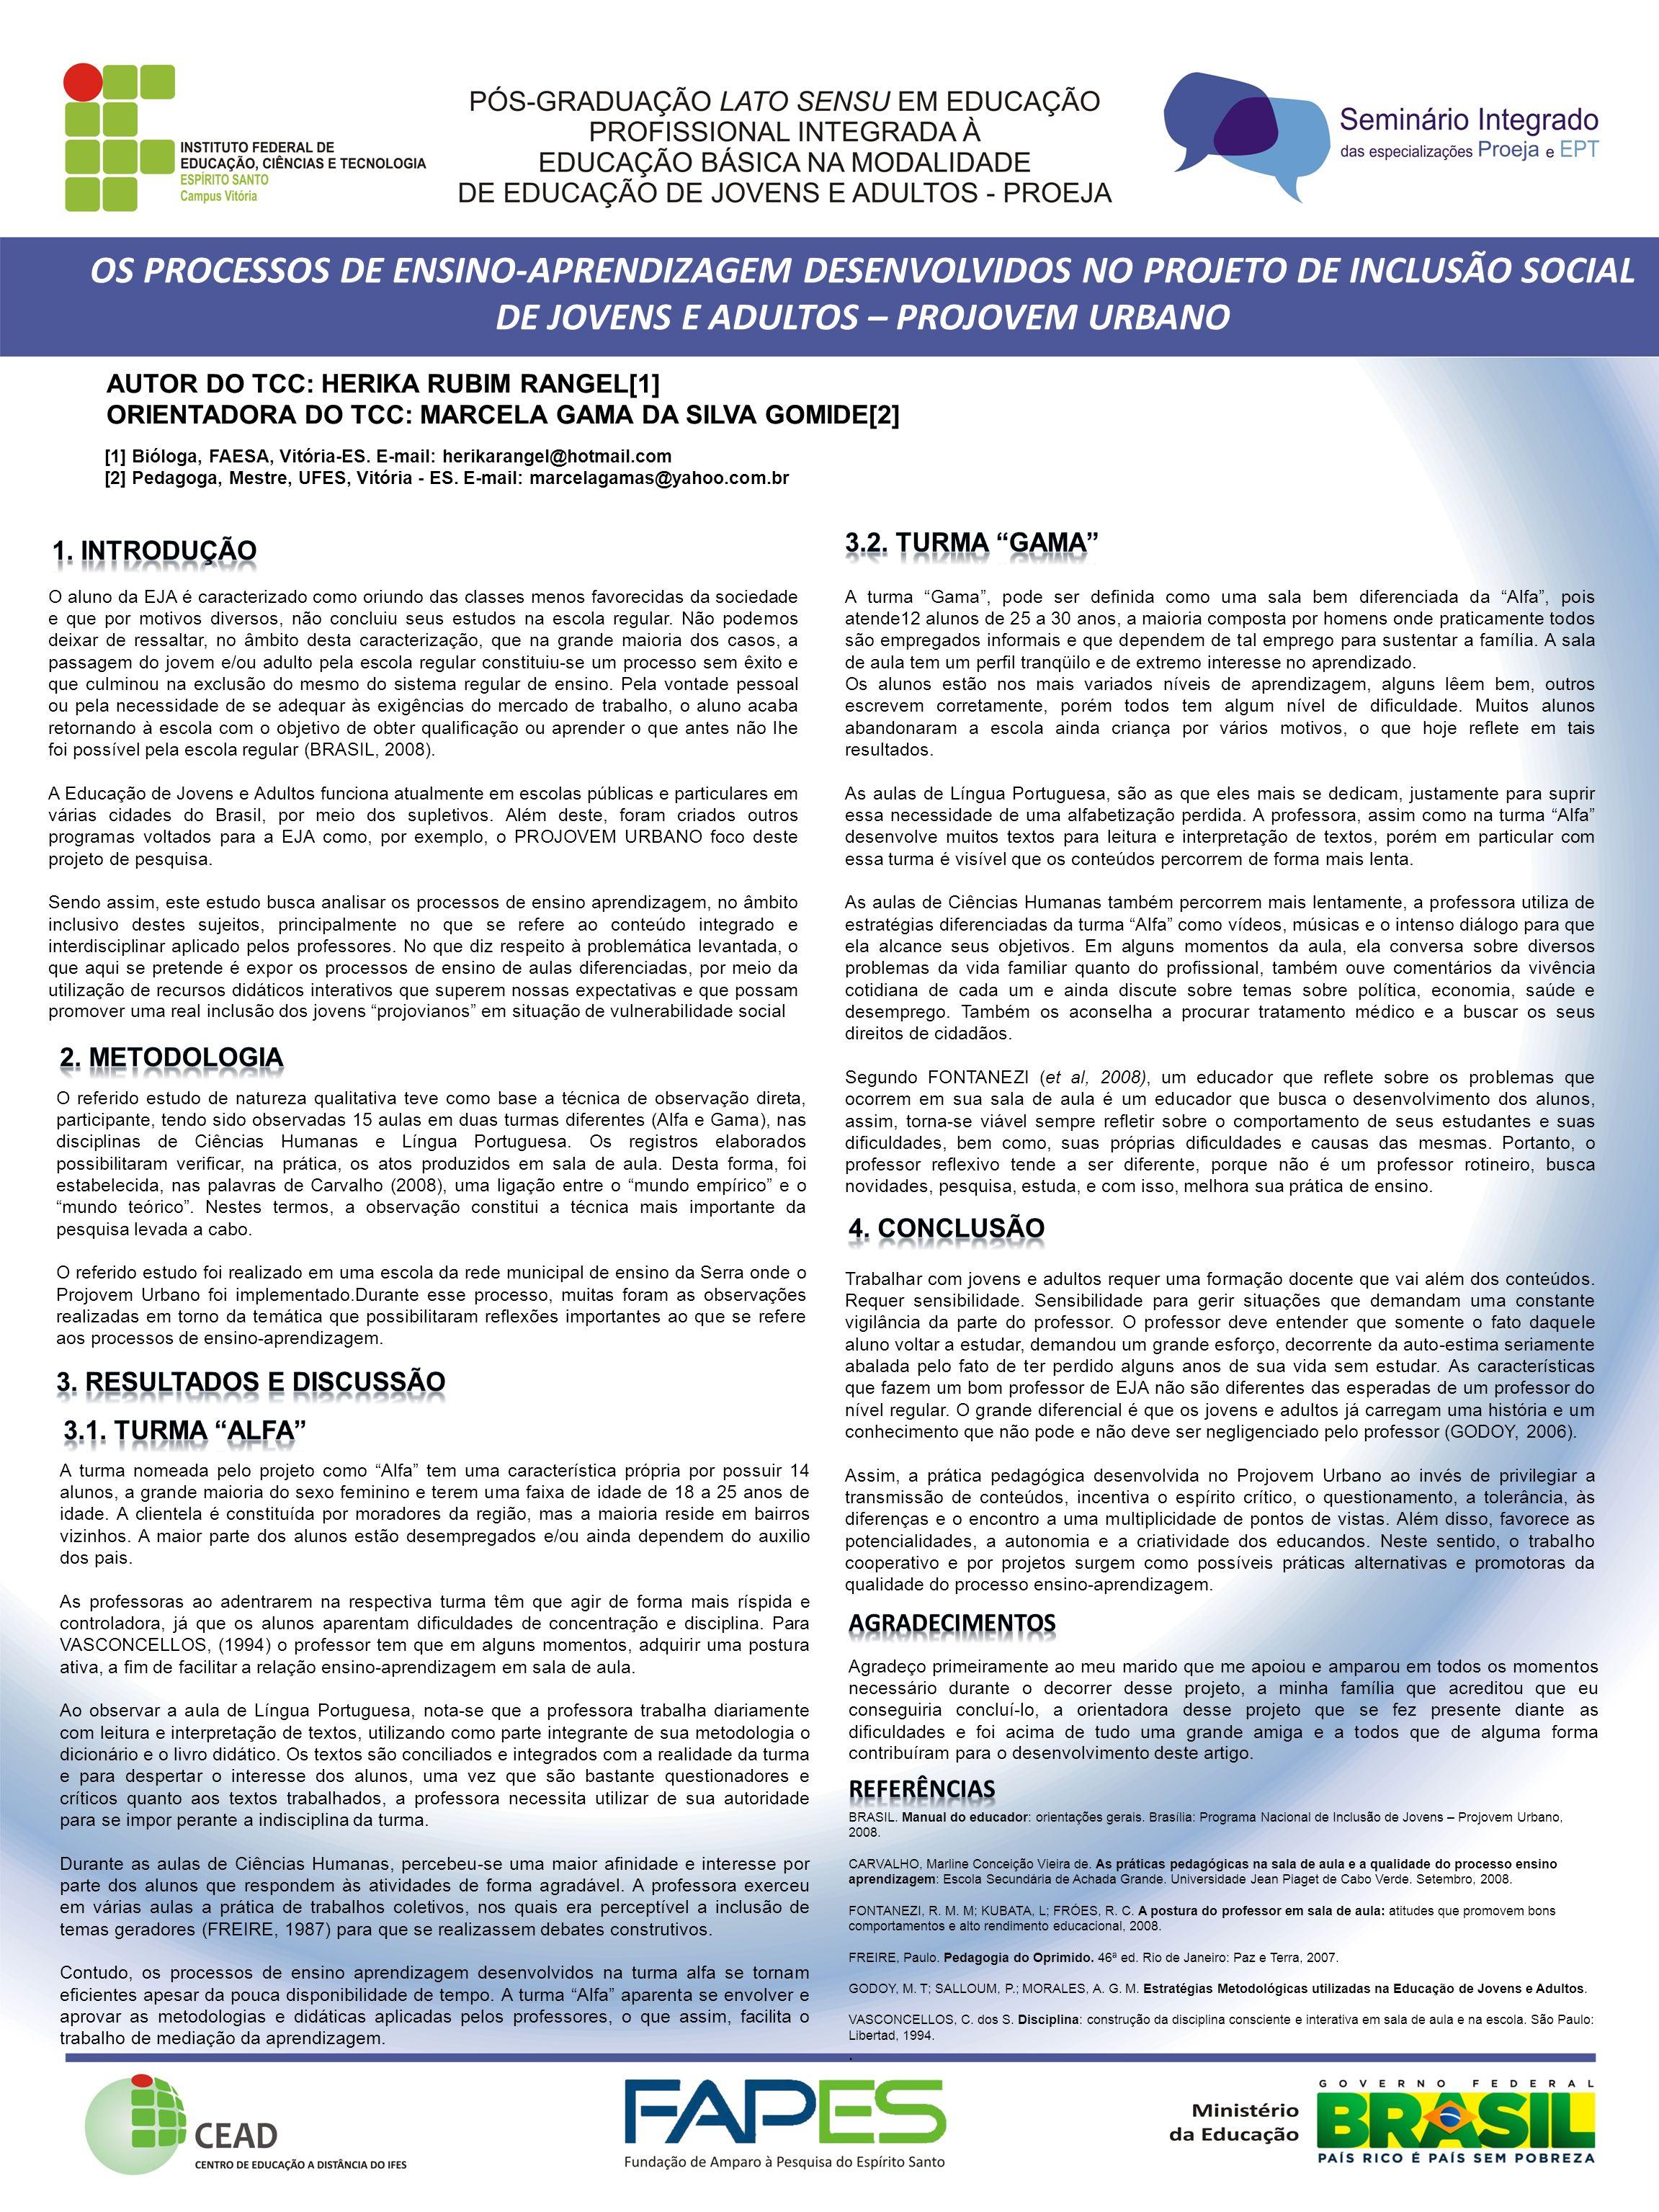 OS PROCESSOS DE ENSINO-APRENDIZAGEM DESENVOLVIDOS NO PROJETO DE INCLUSÃO SOCIAL DE JOVENS E ADULTOS – PROJOVEM URBANO